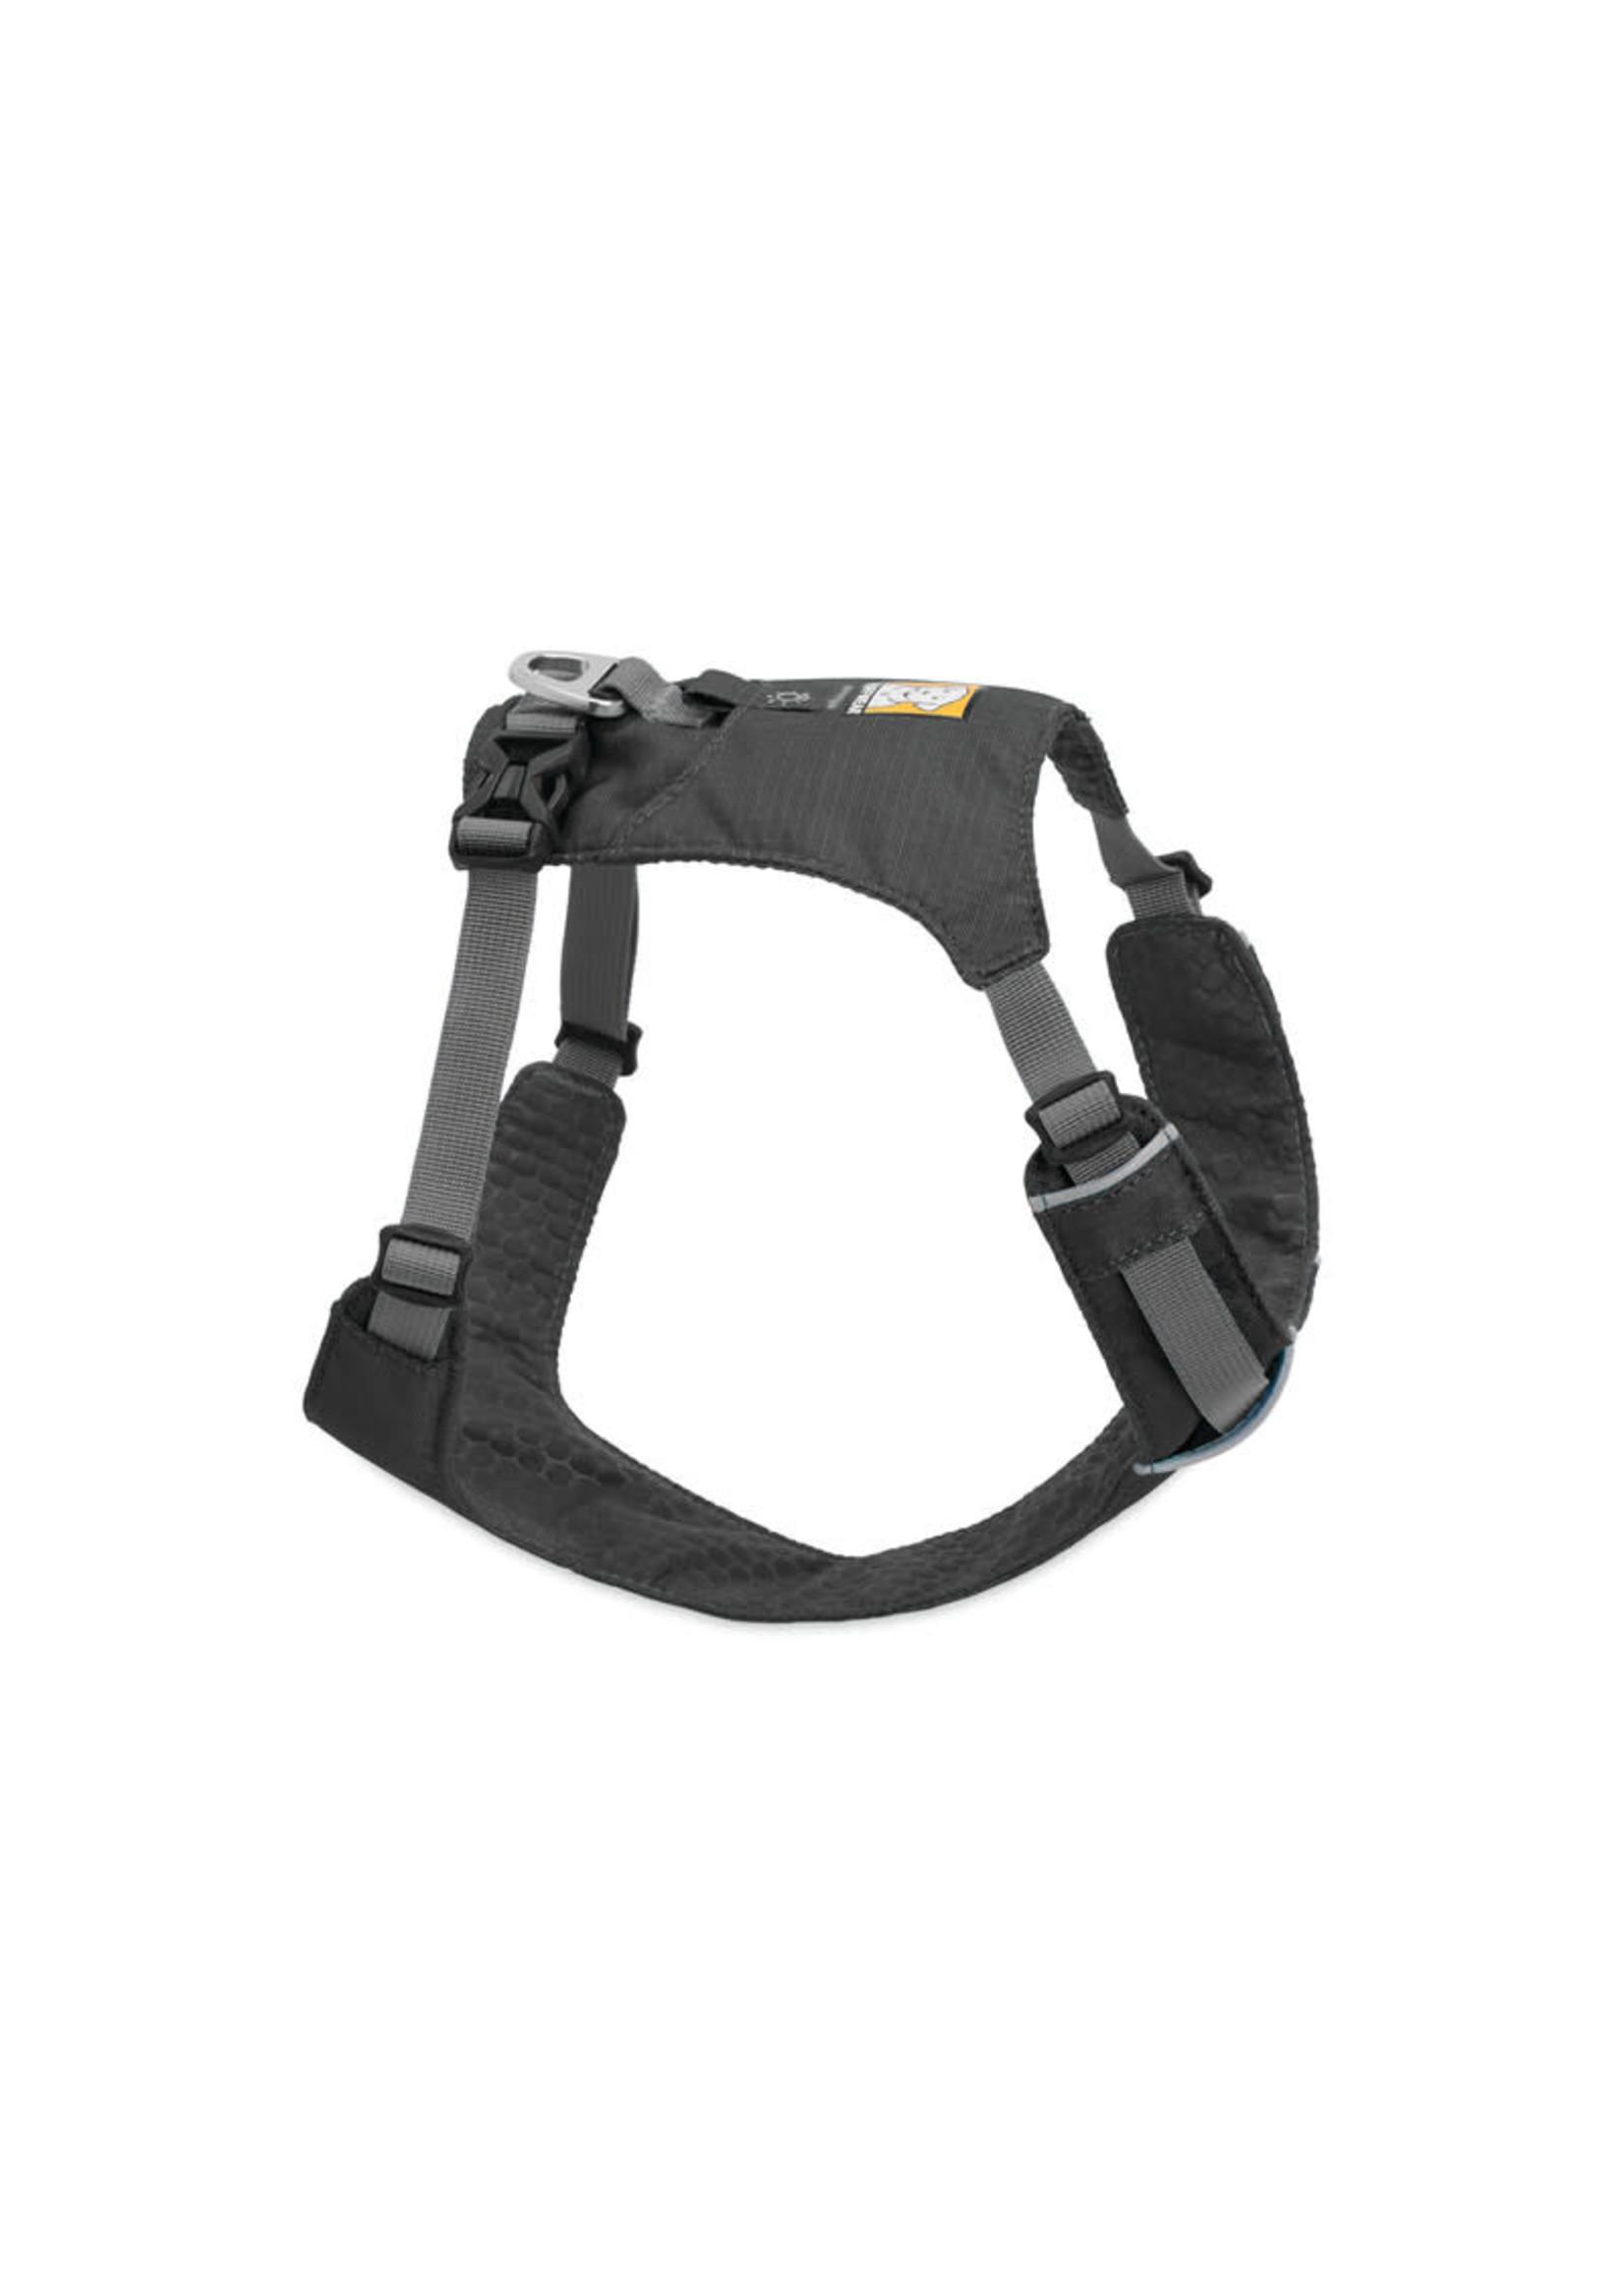 Ruffwear Ruffwear Hi & Light Dog Harness